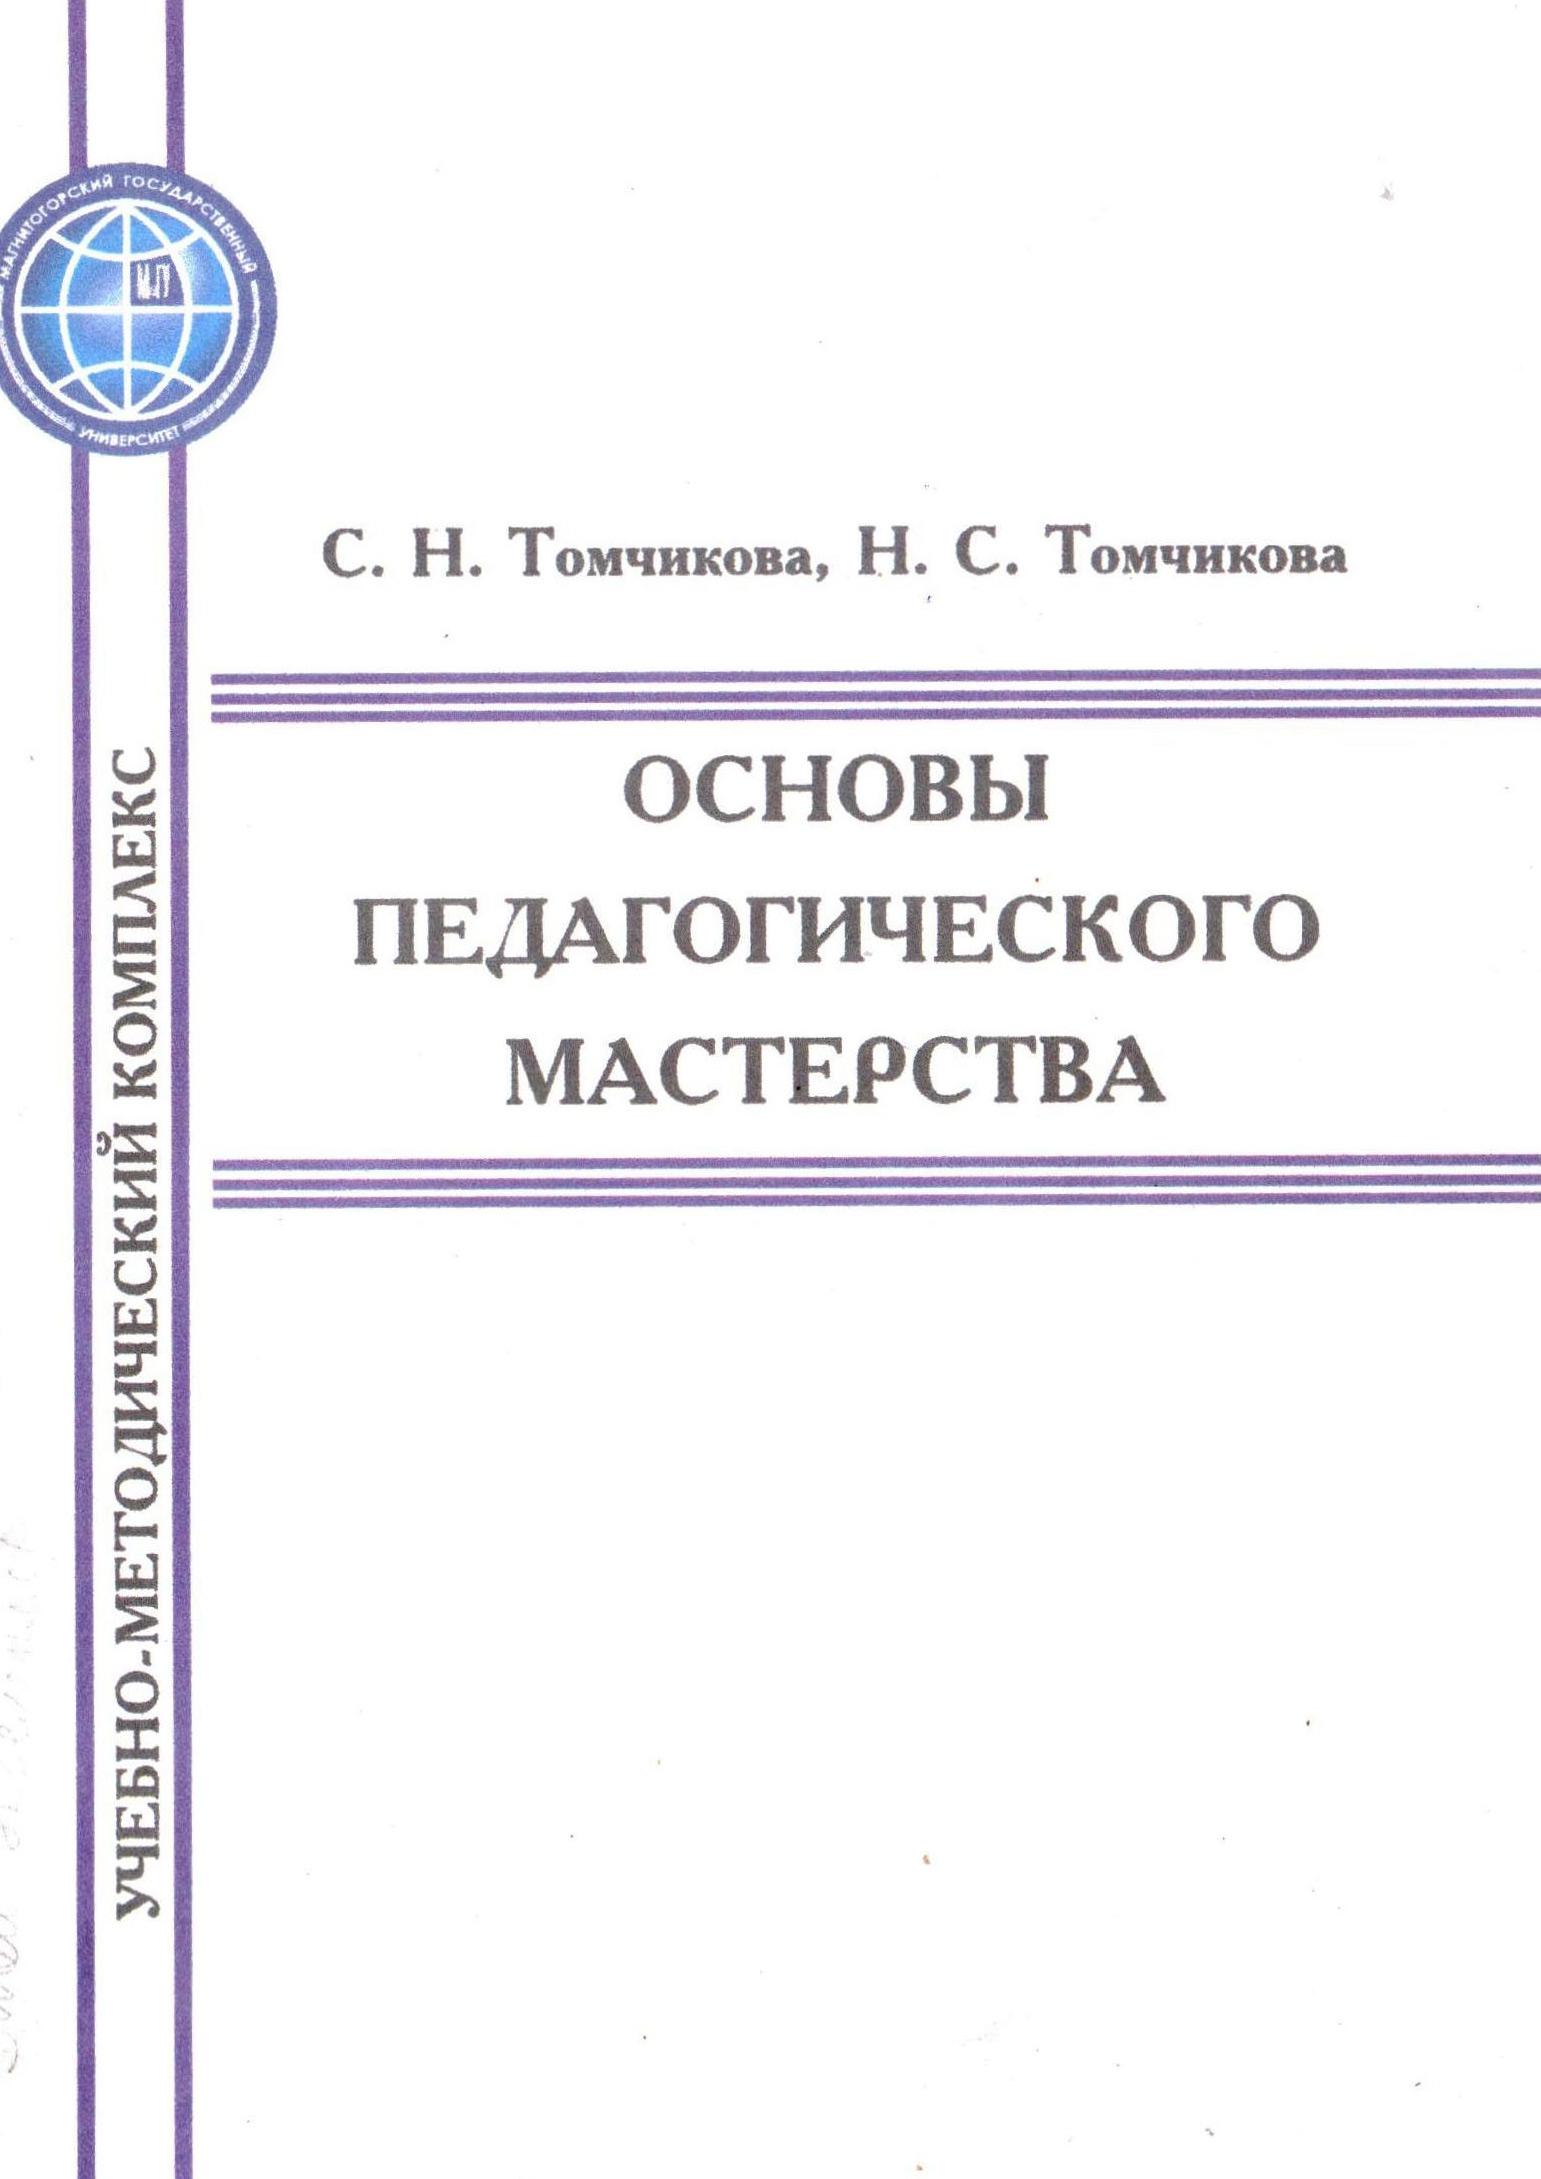 С. Н. Томчикова Основы педагогического мастерства